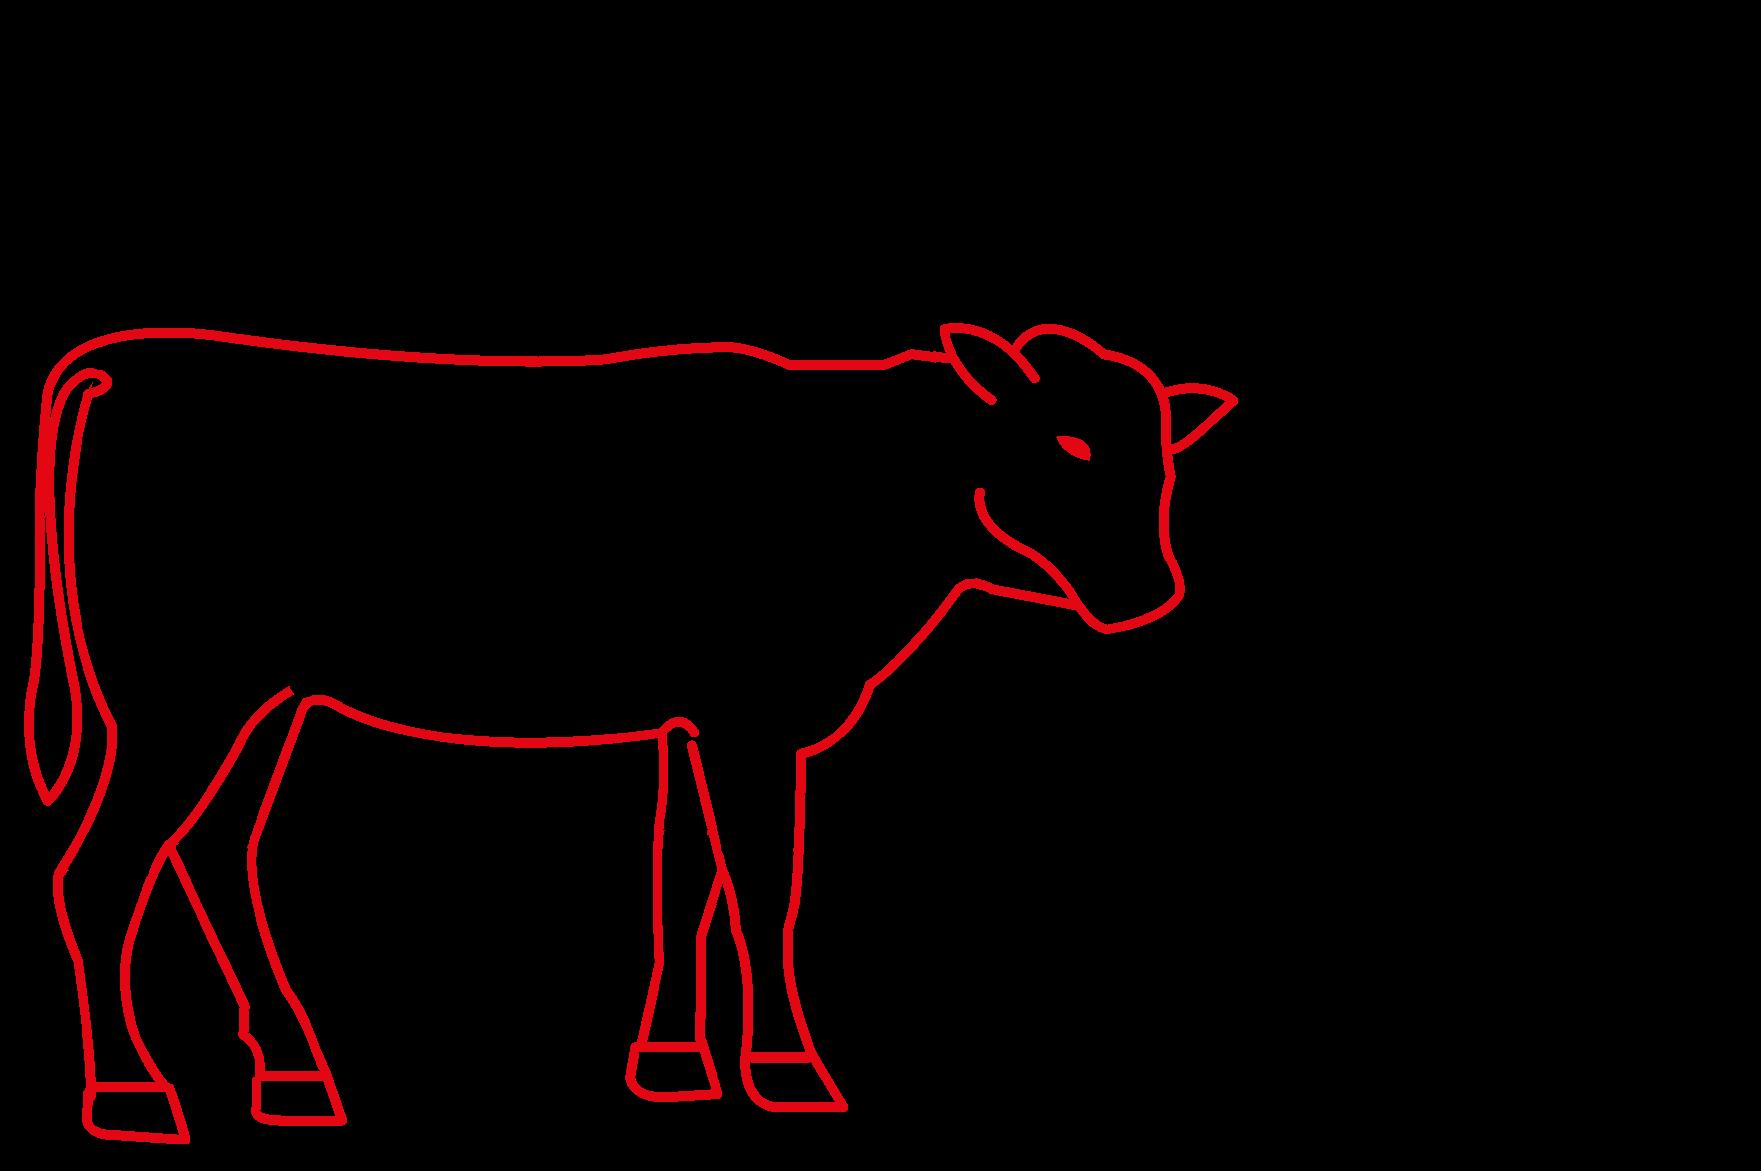 <a href='https://lanzasrl.com/it/vitello'> Vitello</a>